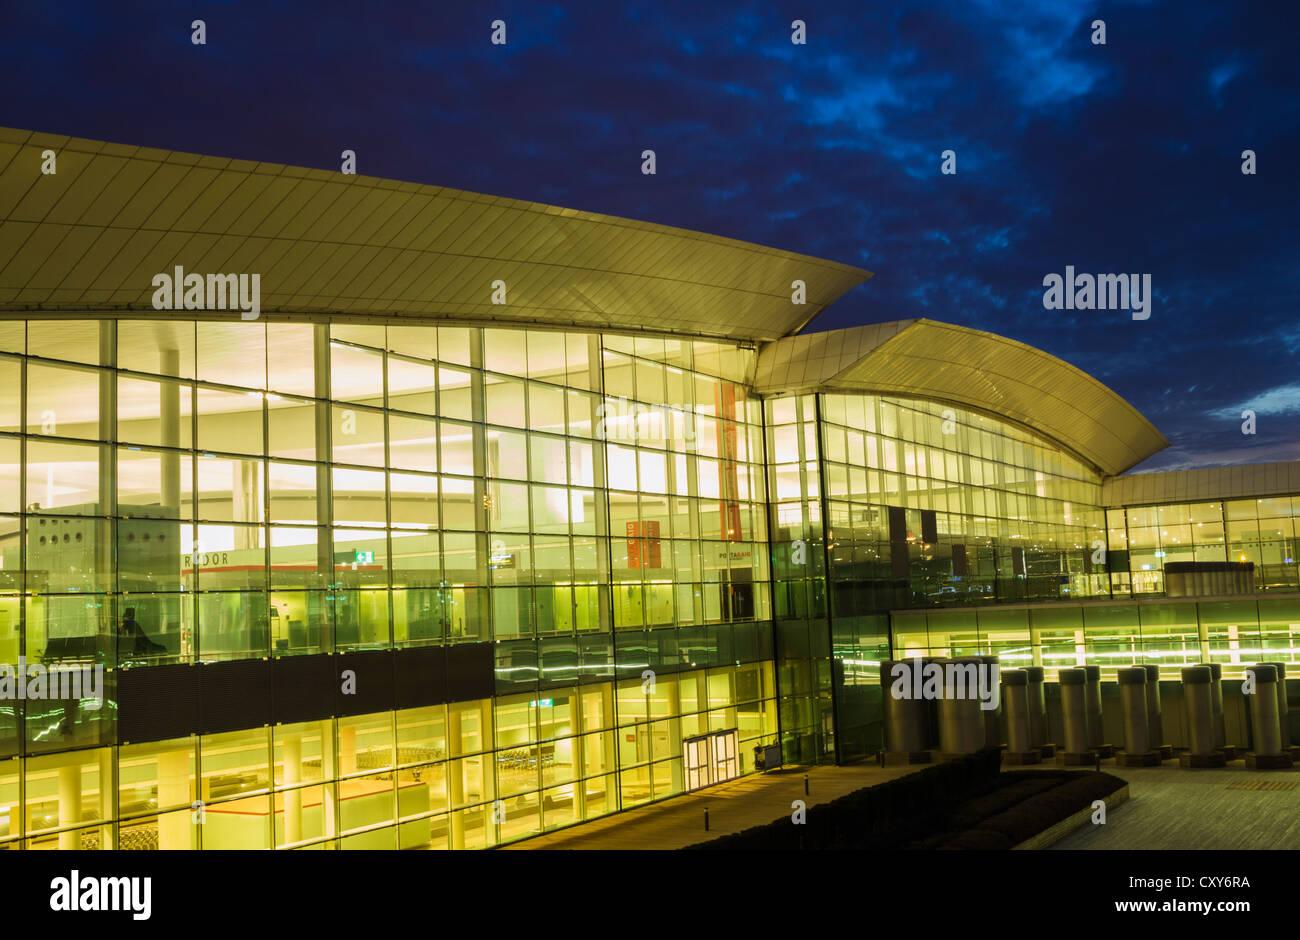 Terminal one at El Prat airport in Barcelona, Spain - Stock Image